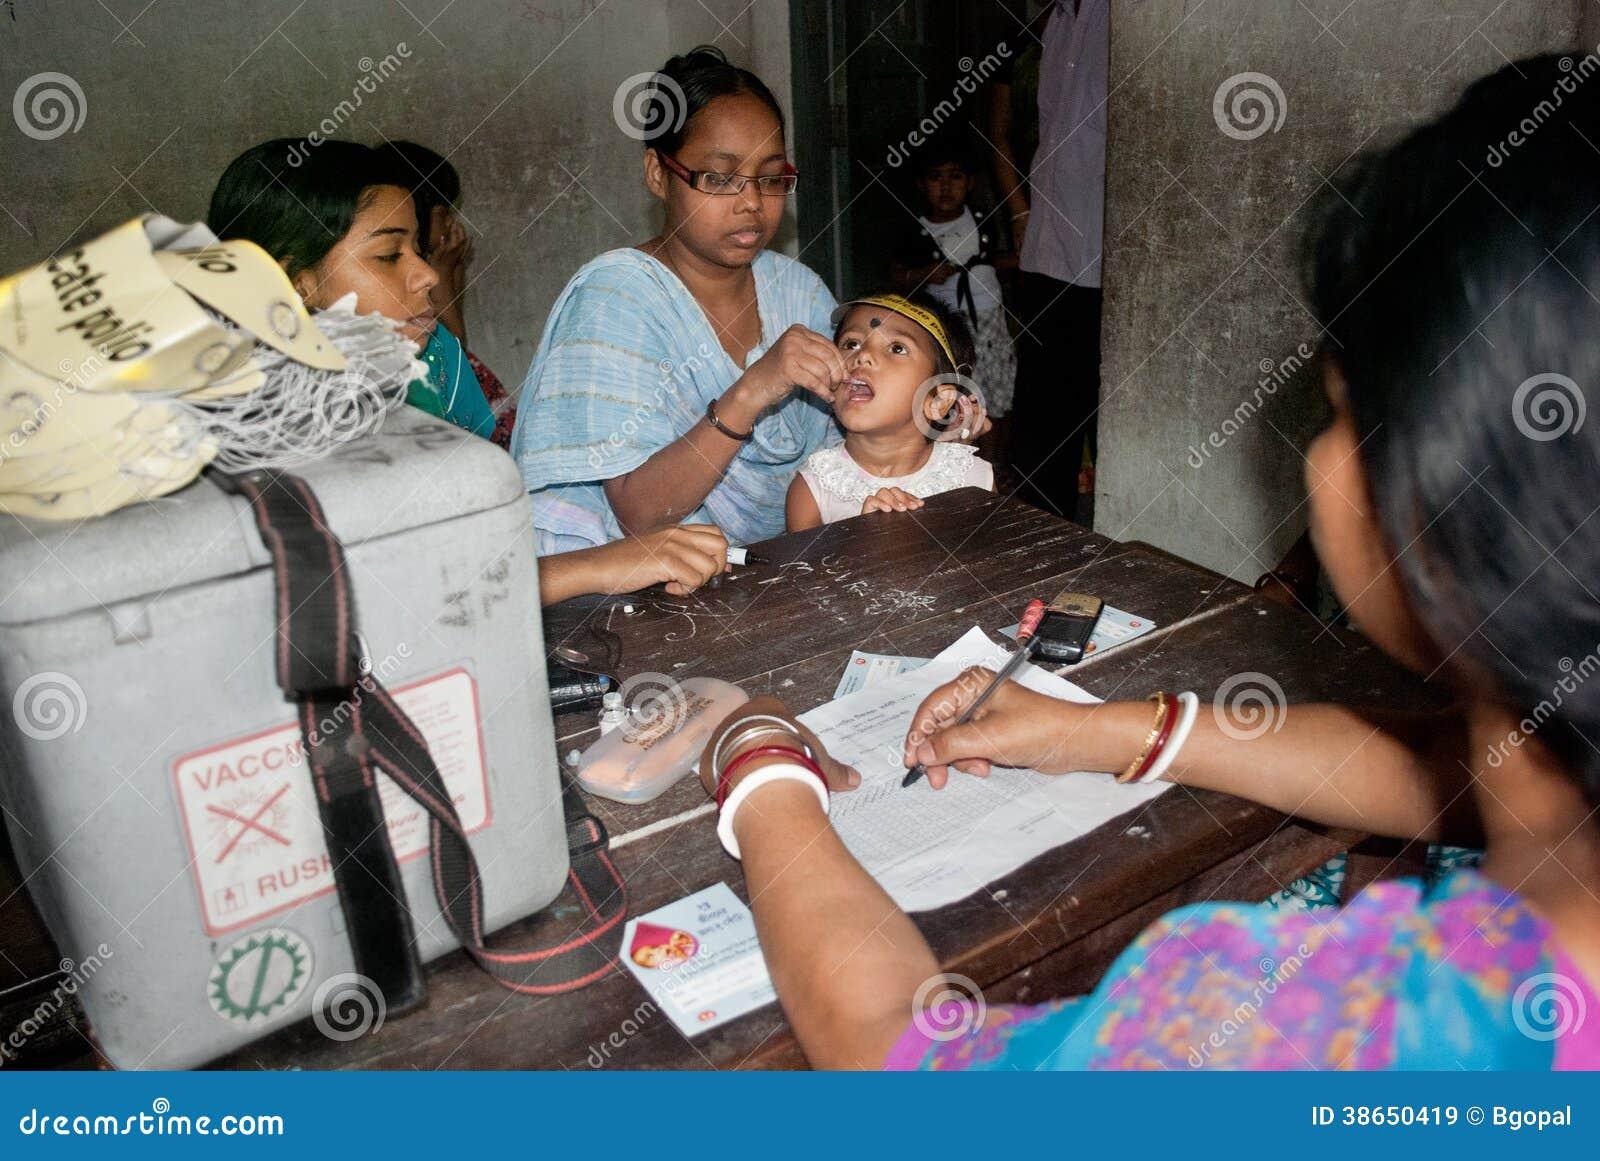 我们根除小儿麻痹症